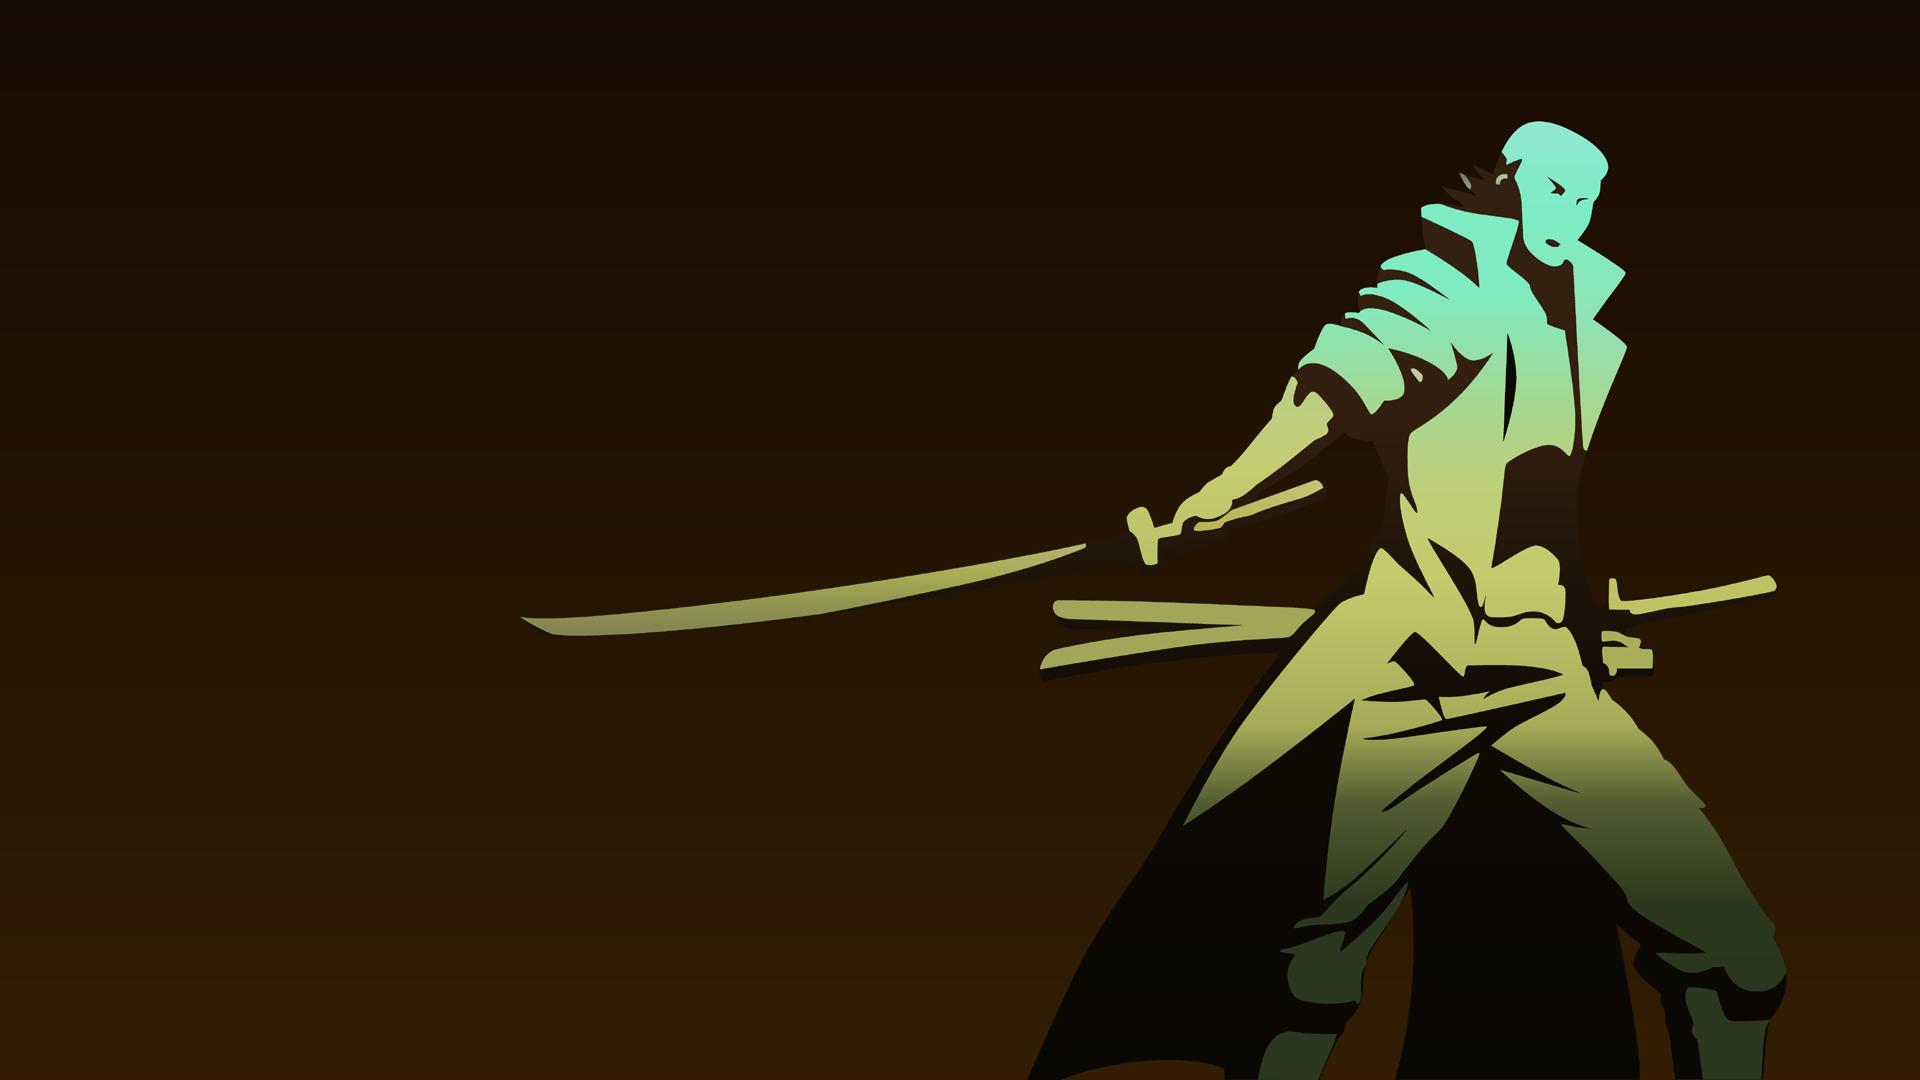 Samurai Sword Wallpaper Bleach En 2019 Samurai Y Camino